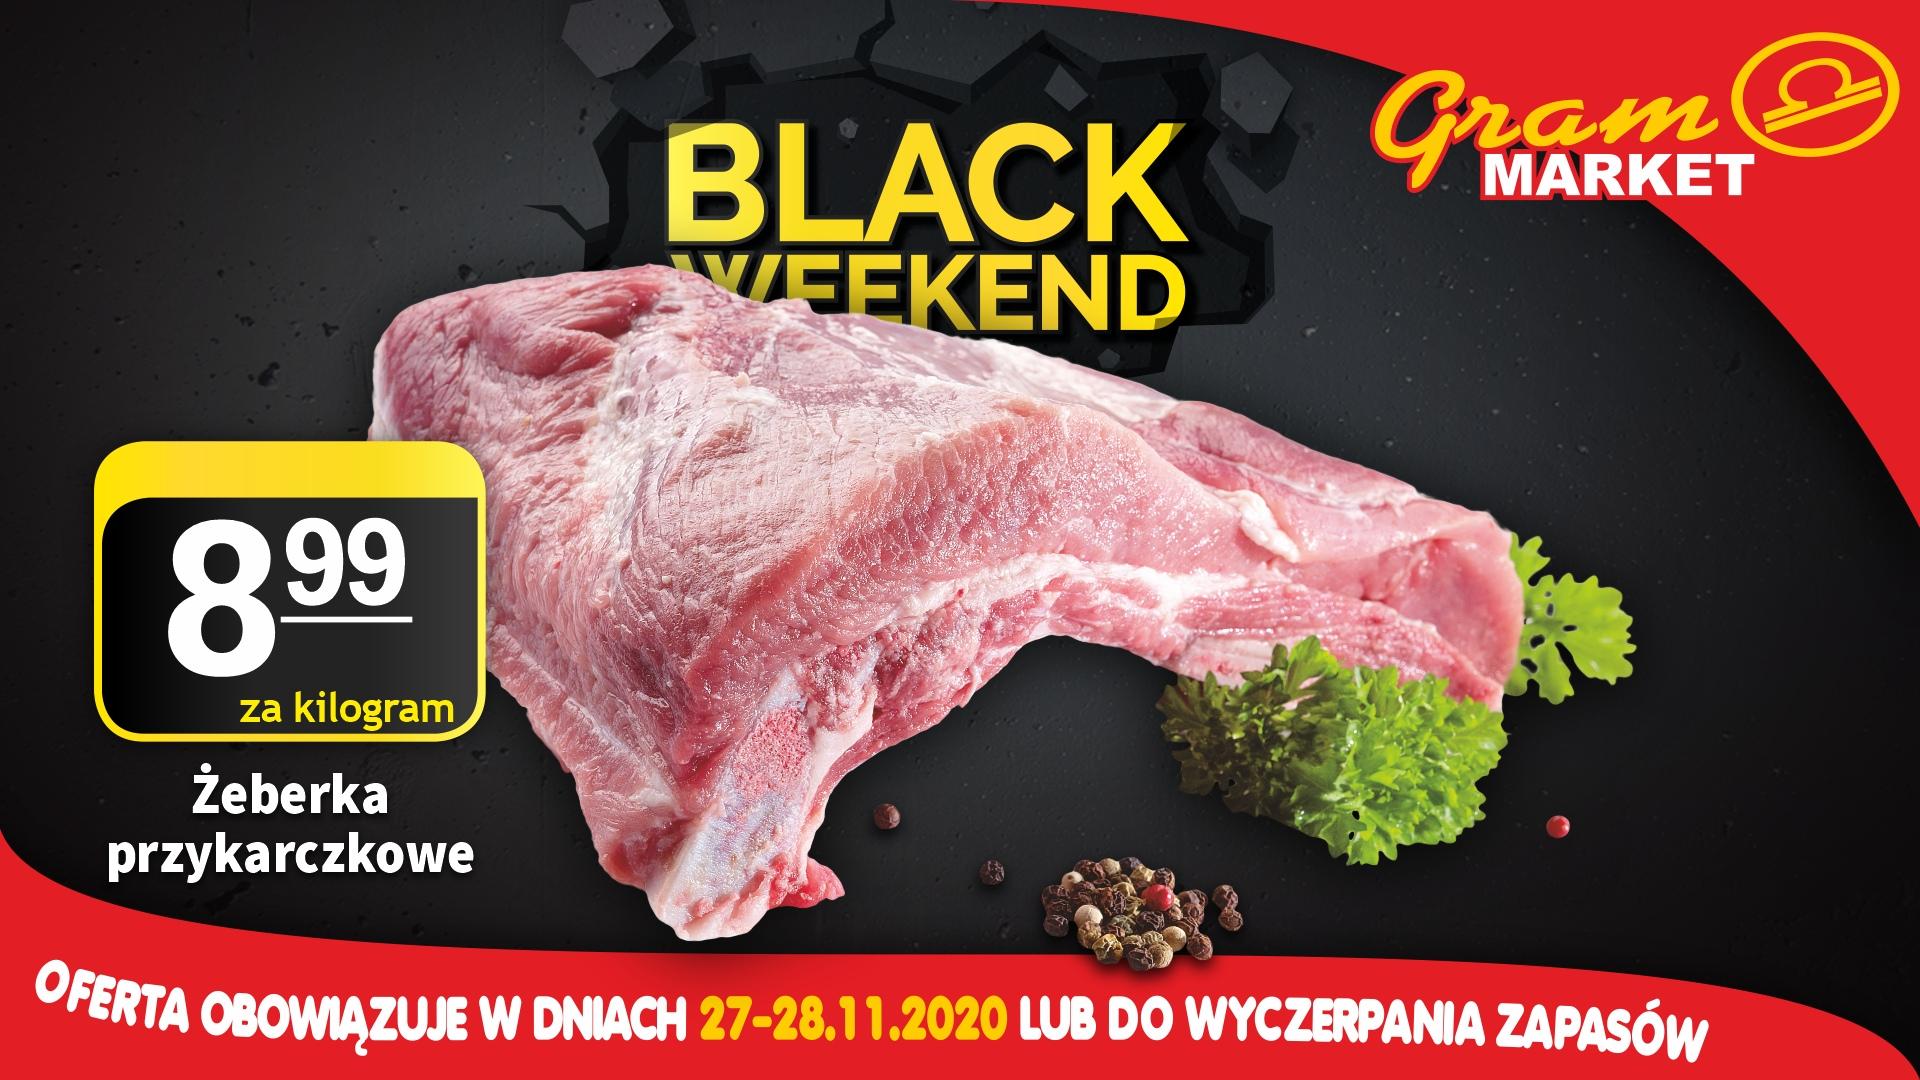 BLACK_WEEKEND-27-28.11.2020-1